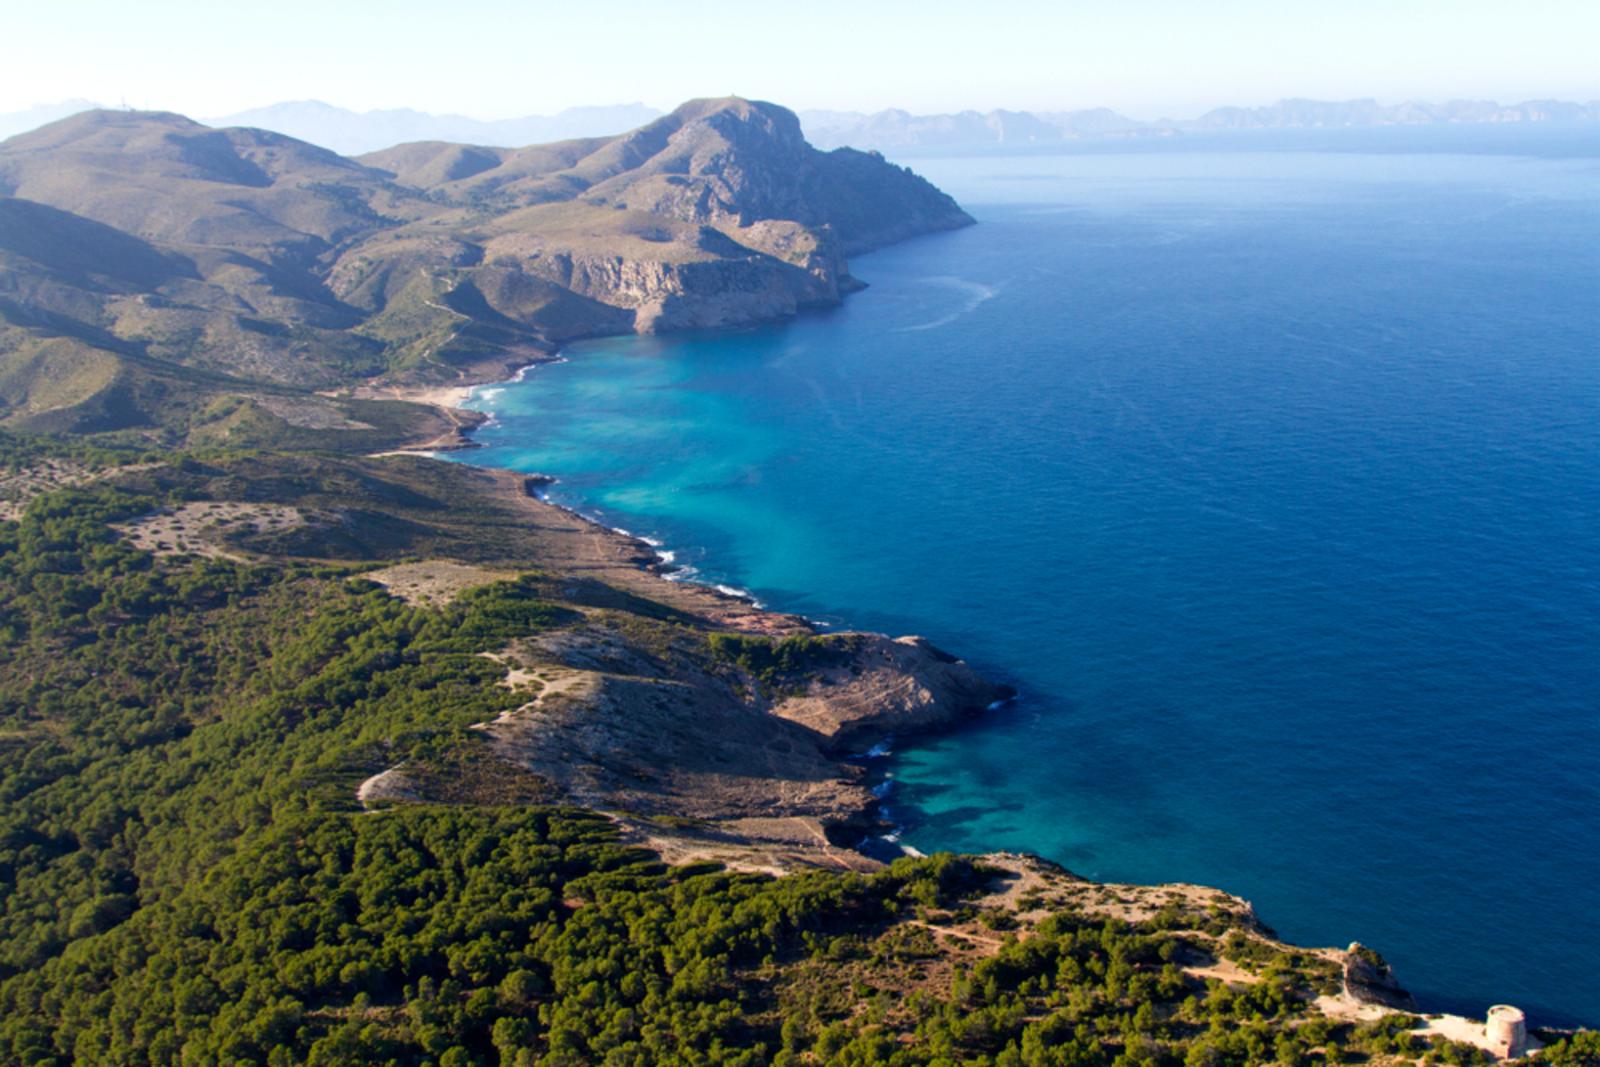 Küste im Nordosten Mallorcas, Na Balladora